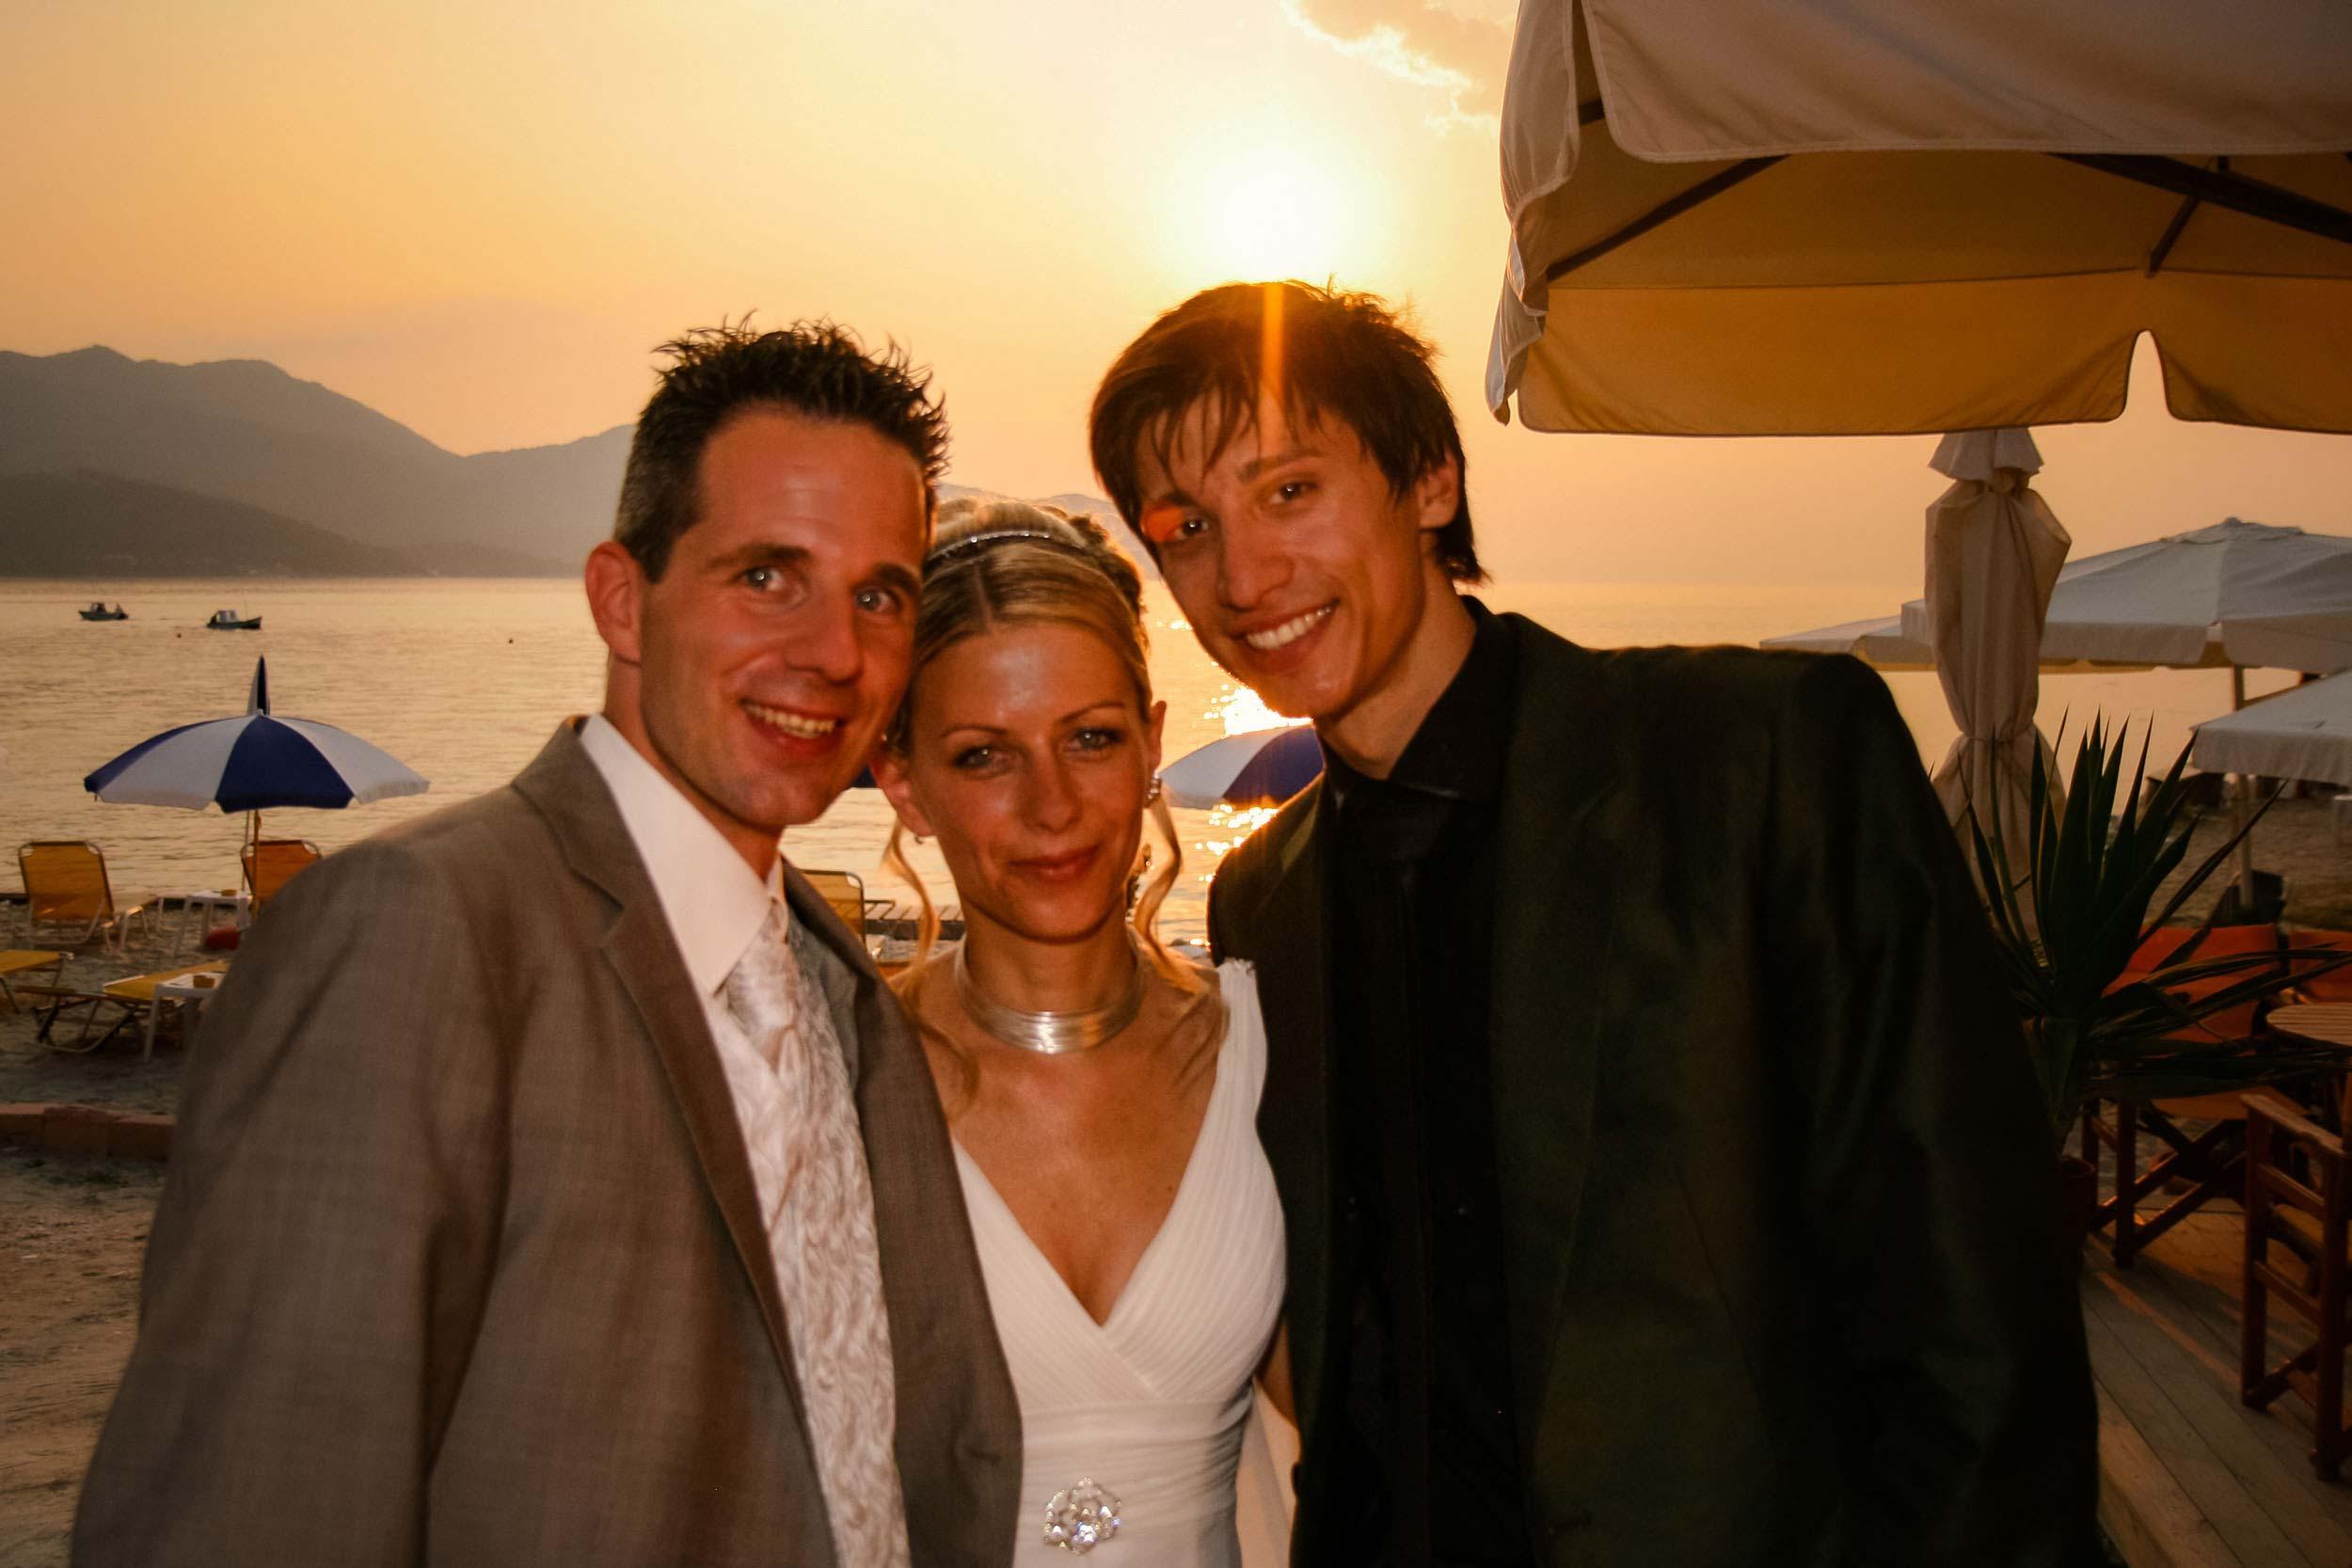 Bis heute mache ich immer ein Bild mit dem Brautpaar. Mittlerweile ist es immer das letzte Bild des Tages, damals war es irgendwann mittendrin.